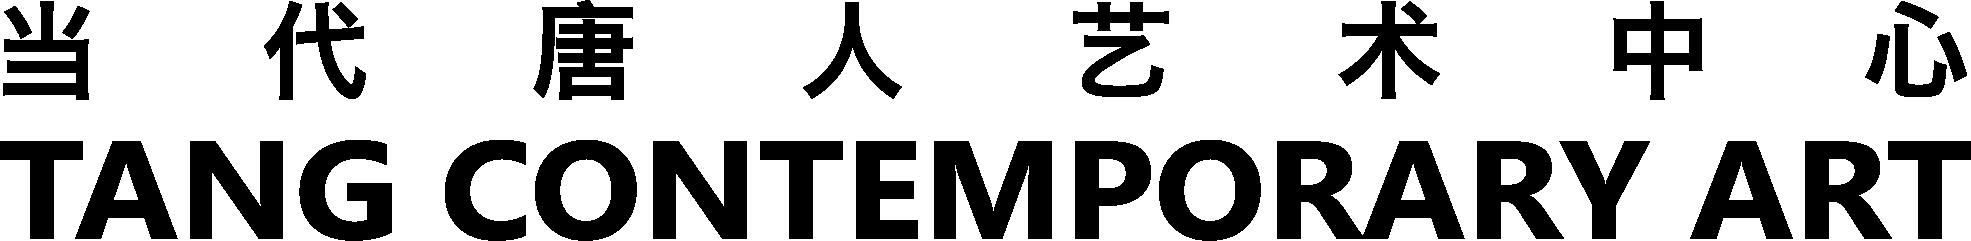 唐人现场 | 迷魂药 - 李邦耀个展 博文精选 艾海 迷魂 李邦耀 个展 现场 唐人 策展人 艾海 当代唐人艺术中心 曼谷 空间 崇真艺客